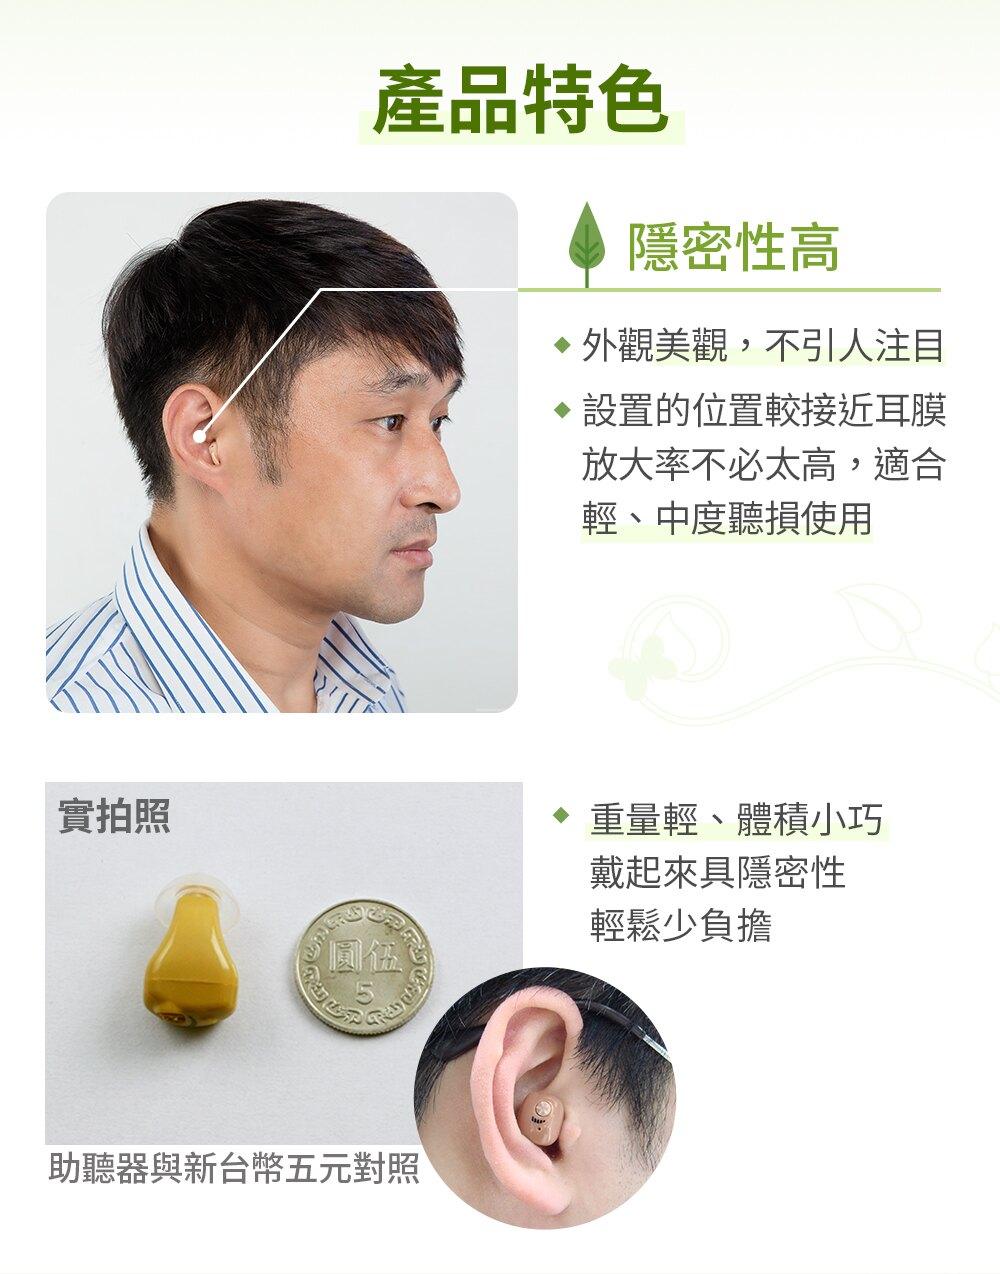 耳寶充電式耳內型助聽器6SA2配戴照與說明